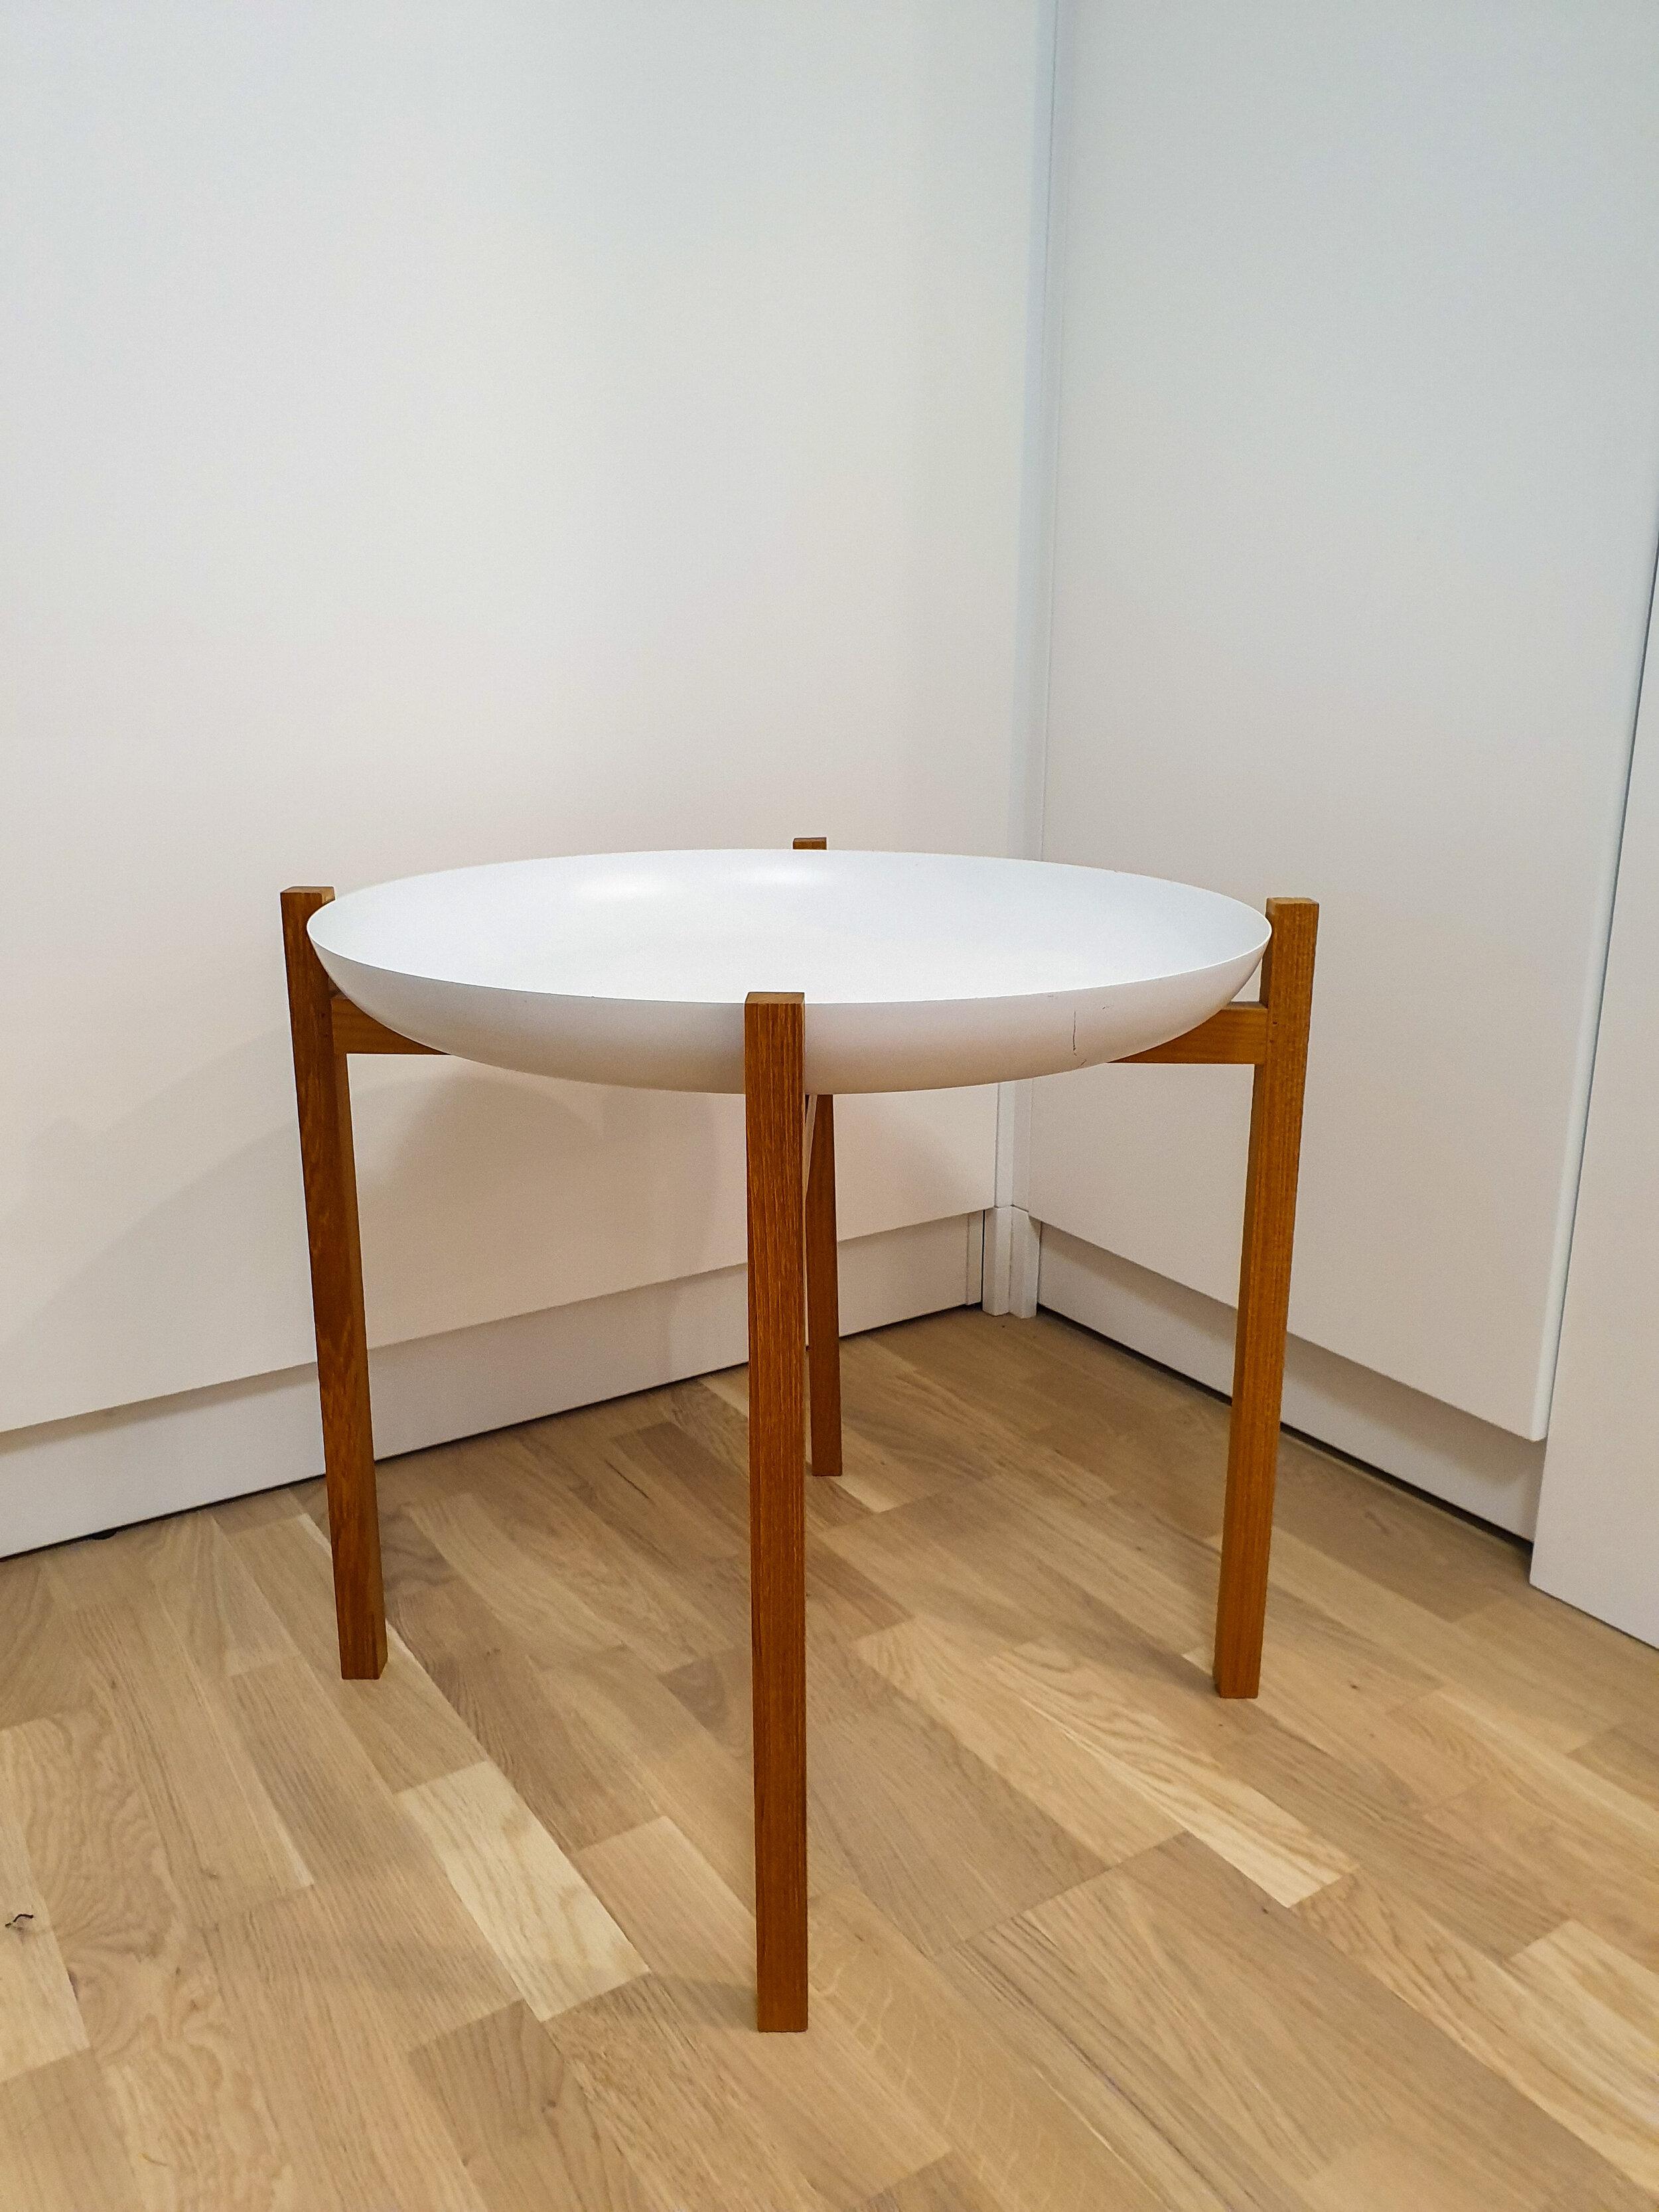 Design House Stockholm - Tablo Tray Table - Ensimmäinen torilöytä oli Design House Stockholm - Tablo Tray TableOstohinta 100€Aikaisemmalle omistajalle se ei enää ollut käytännöllinen pienen vauvan kanssa.